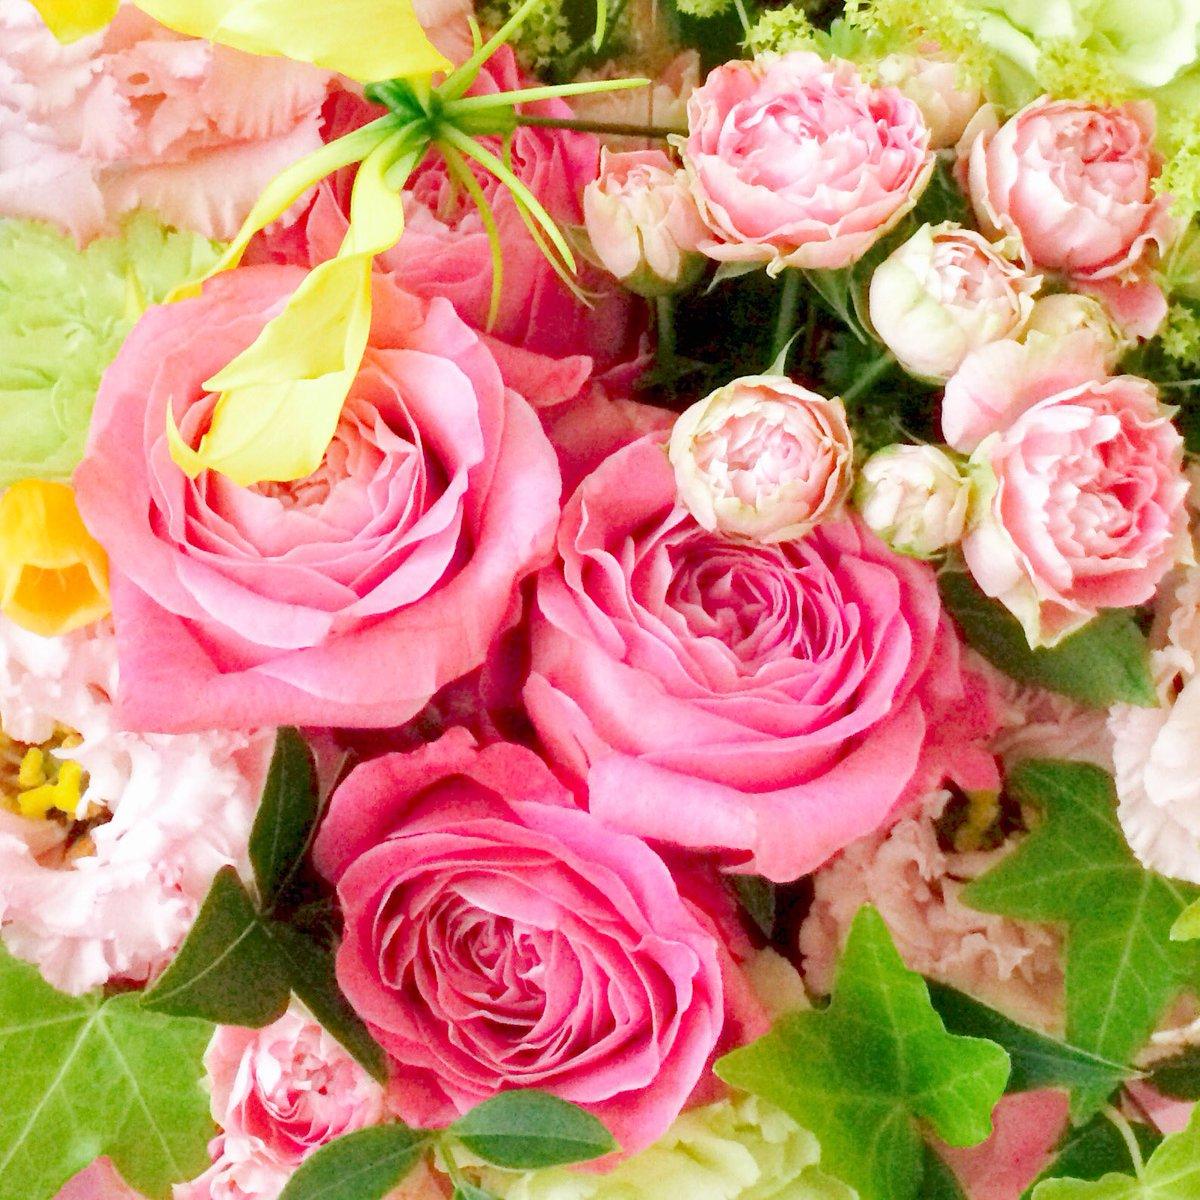 きょうでデビュー30年。みなさんほんとにありがとう。。♡ 離れて住む友達が娘さんと花を贈ってくれました。 https://t.co/yfEibb0nMb